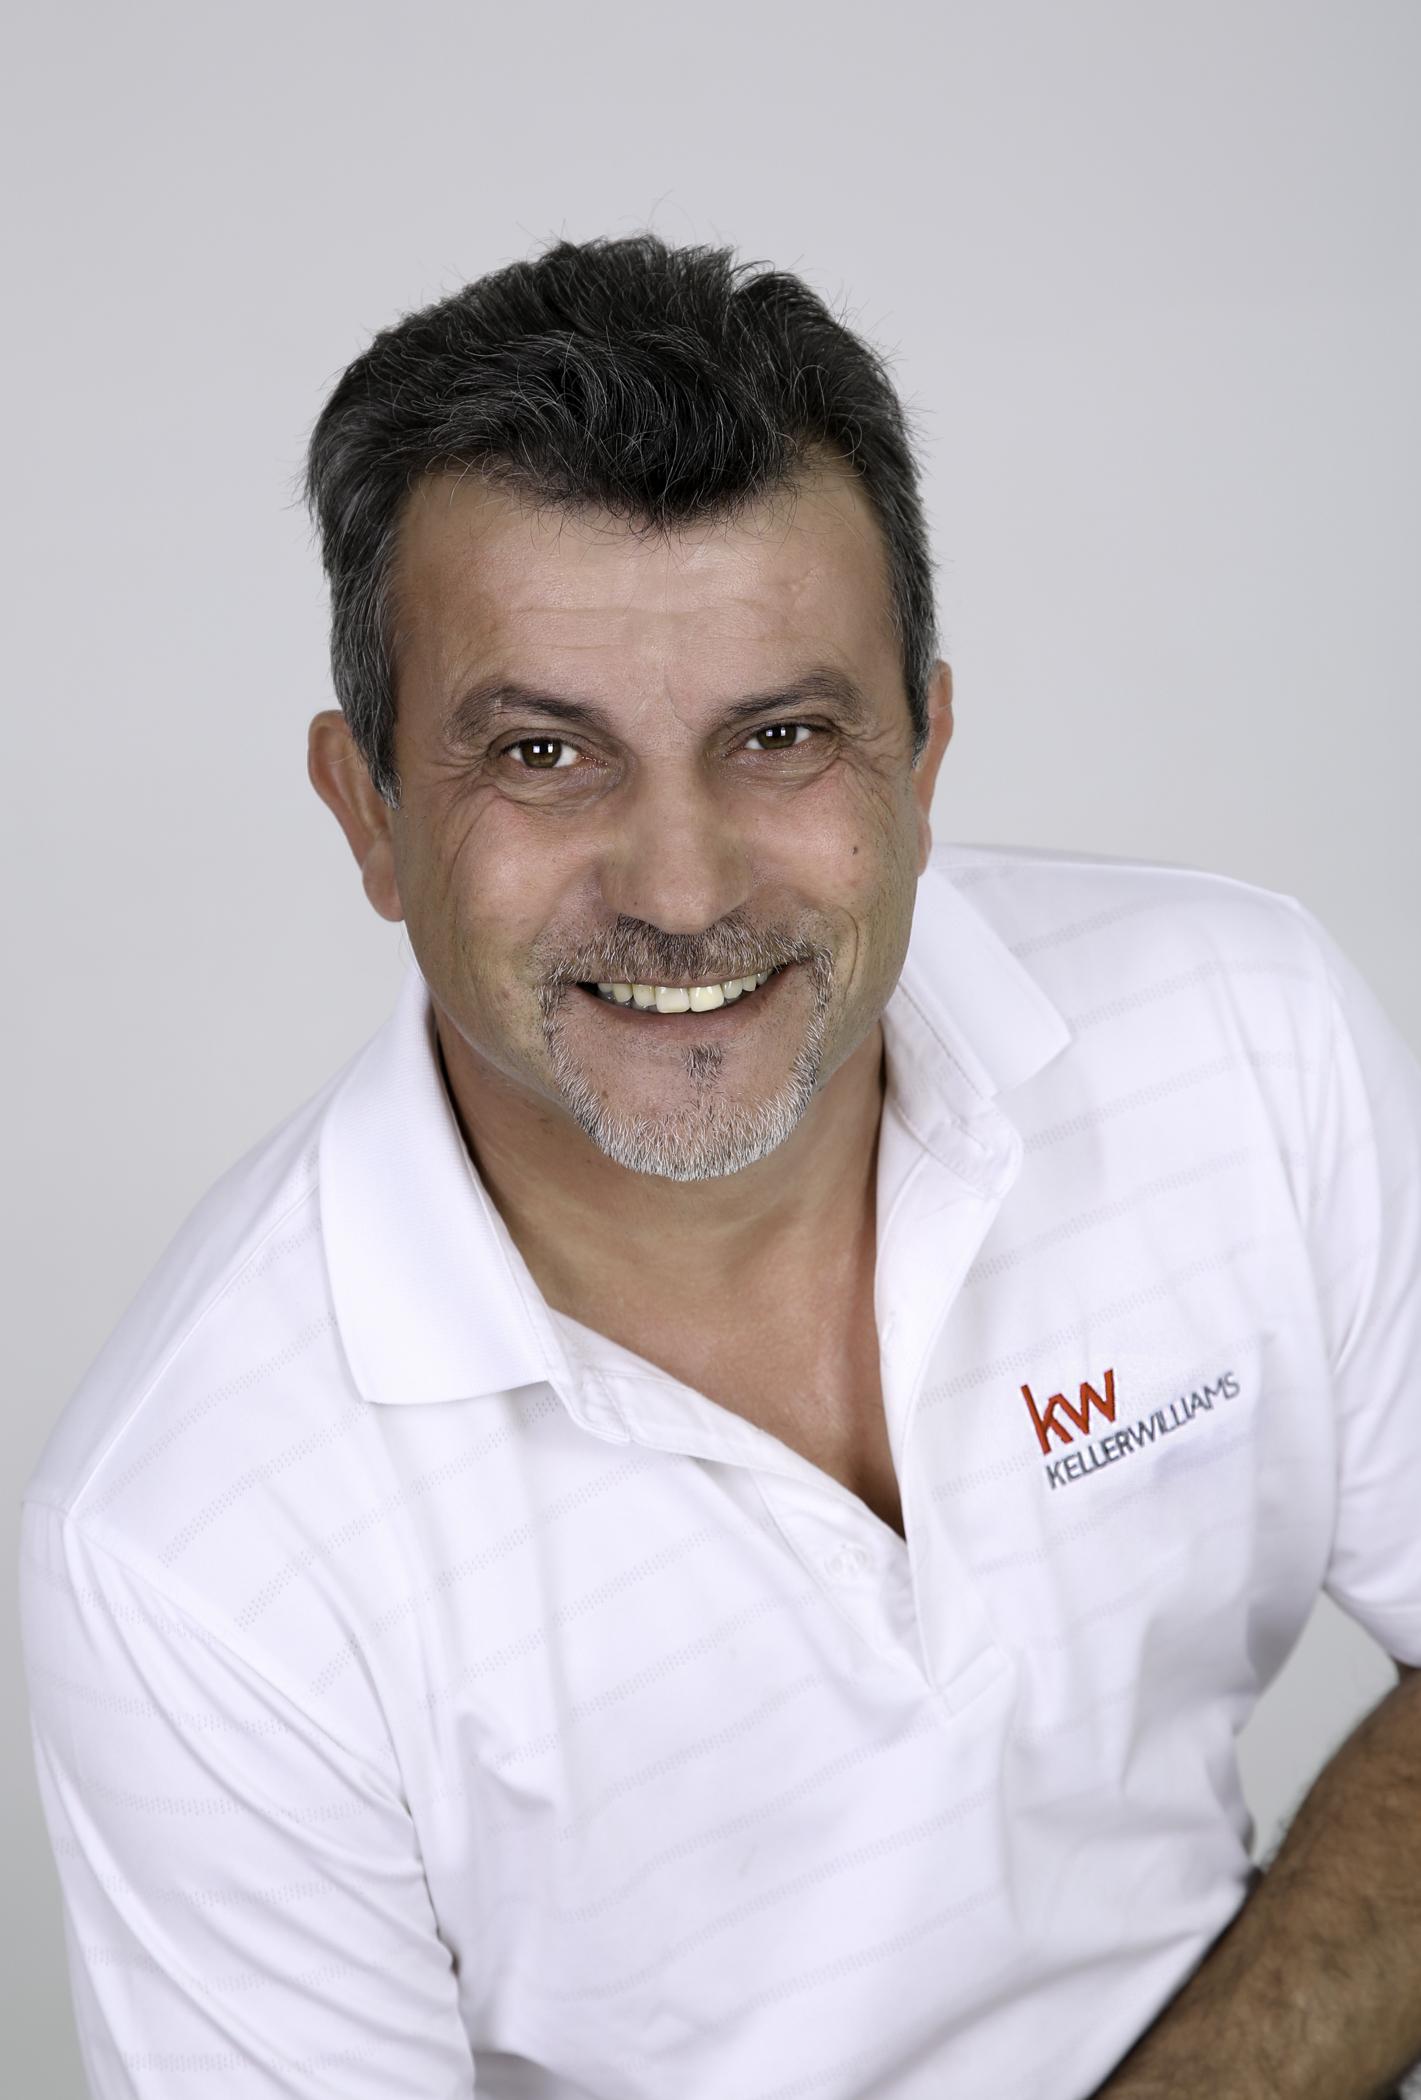 Real Estate Agent - Manuel Laranjeira